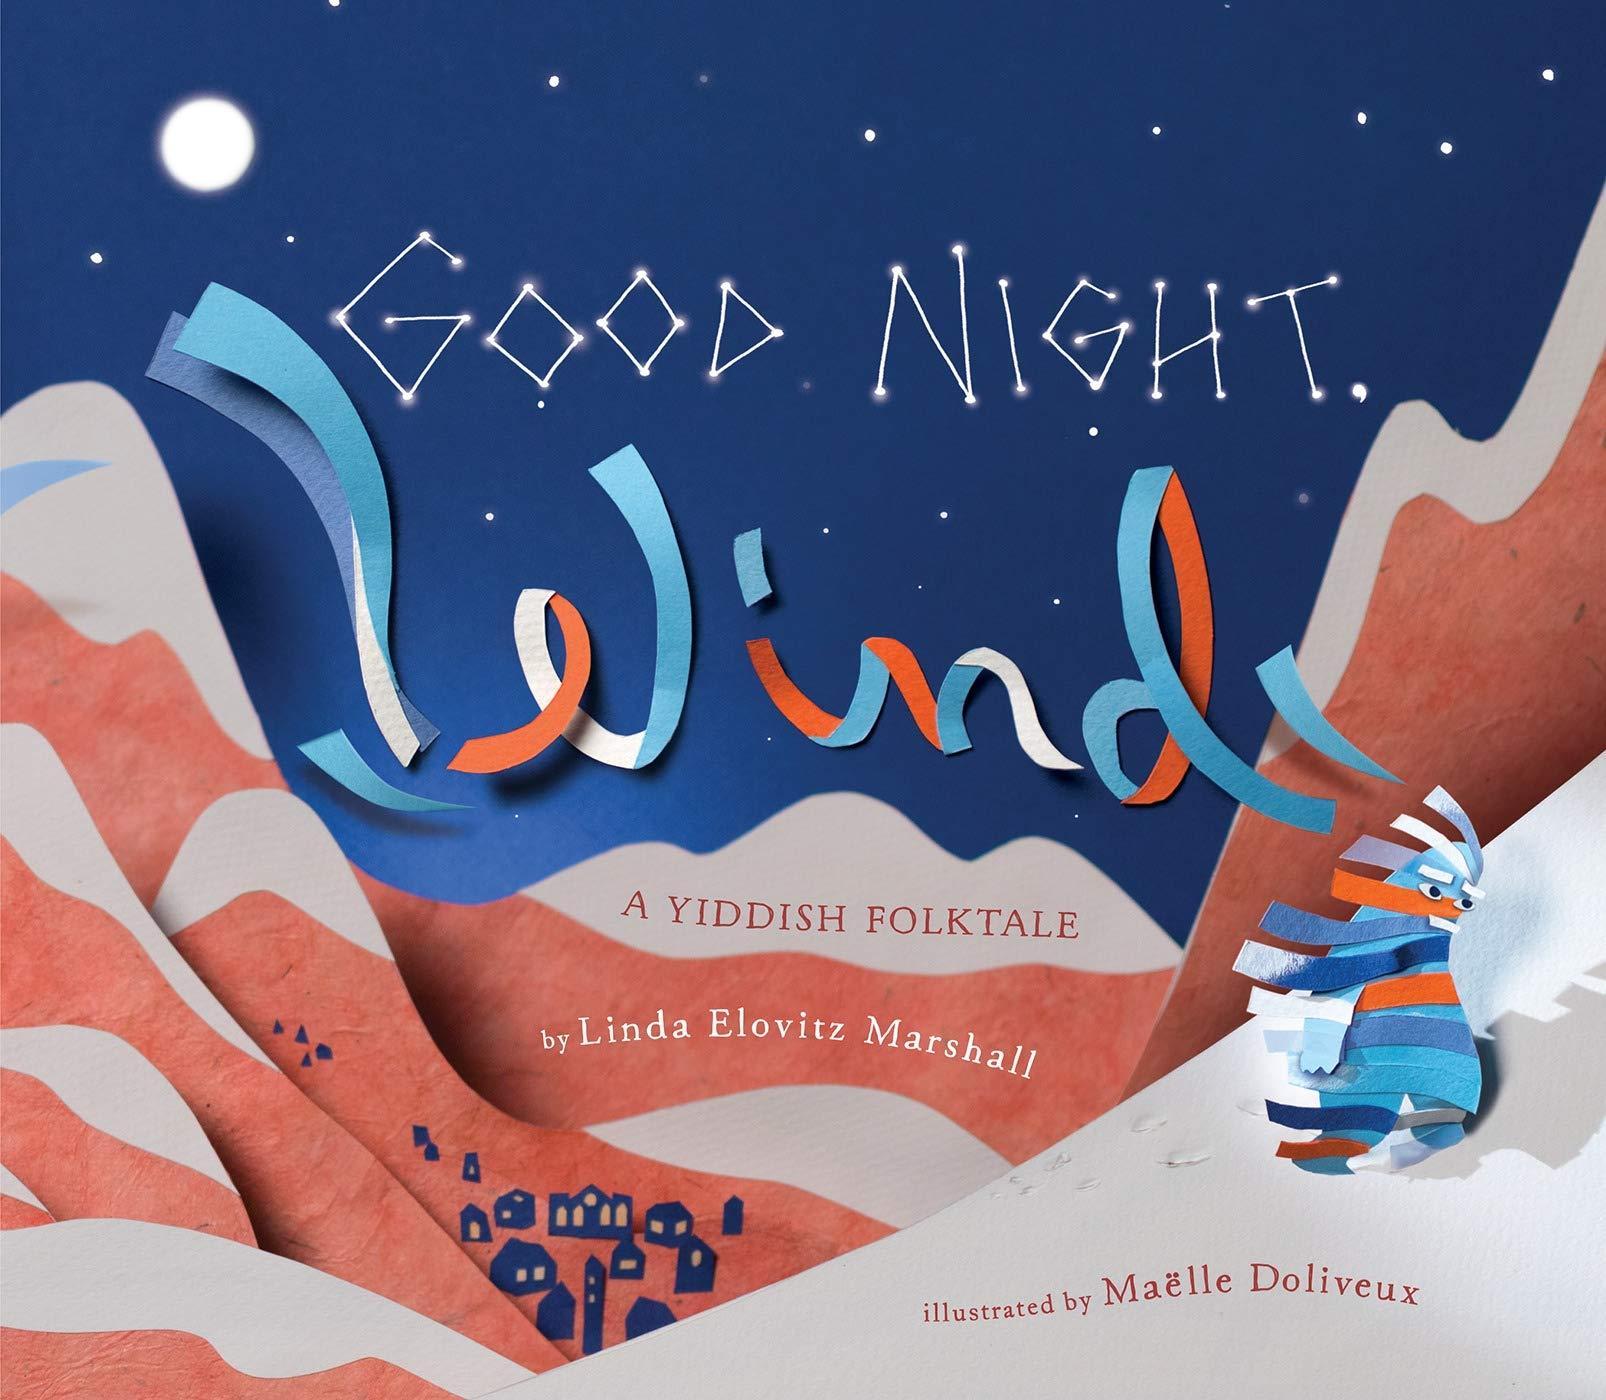 Good Night Wind A Yiddish Folktale Marshall Linda Elovitz Doliveux Maelle 9780823437887 Amazon Com Books